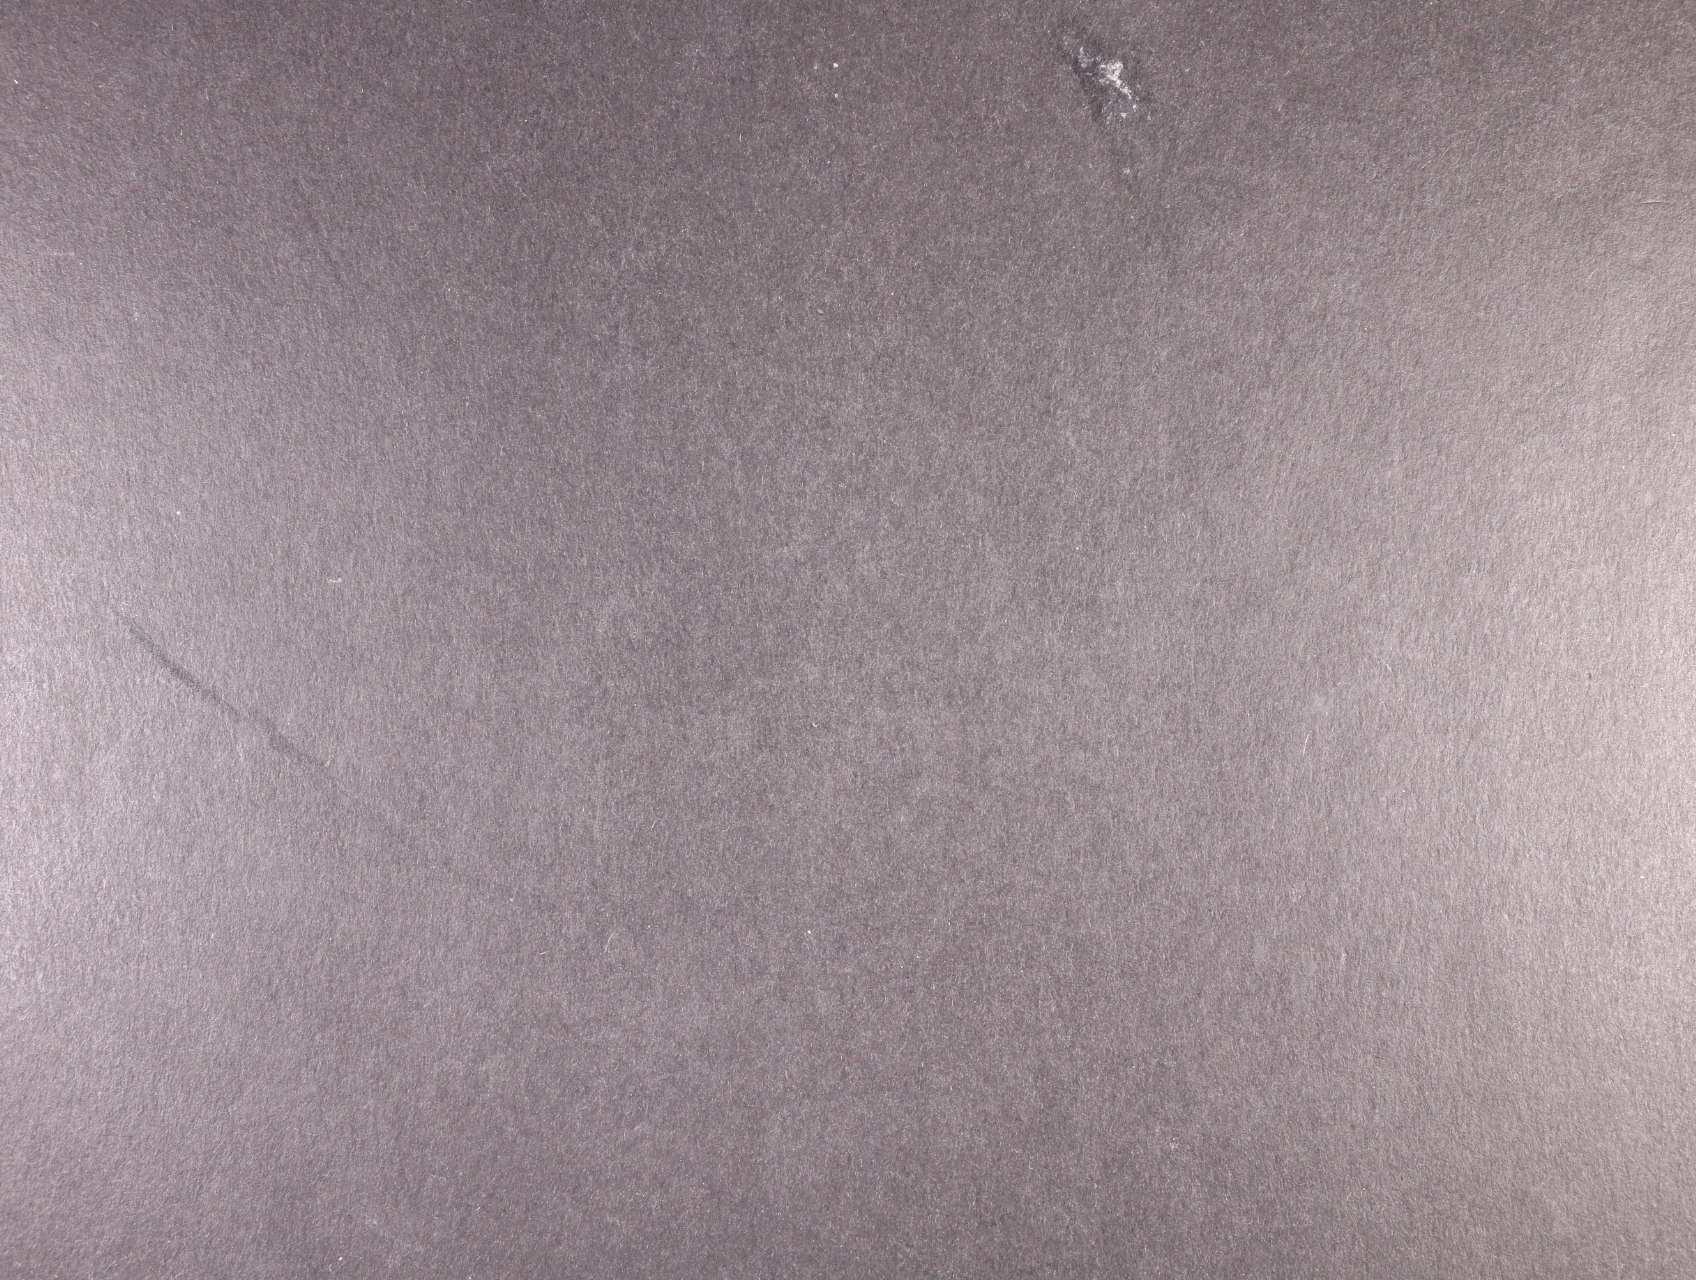 Čína - menší nekompl. sbírka zn. z let 1897 - 1967, obsahuje mj. zn. Mi. č. 534 - 550, 555 - 58, 577 - 88, 606 - 15, 689 - 98, 726 - 35, 834 - 37, 948 - 51, min. 1000 EUR